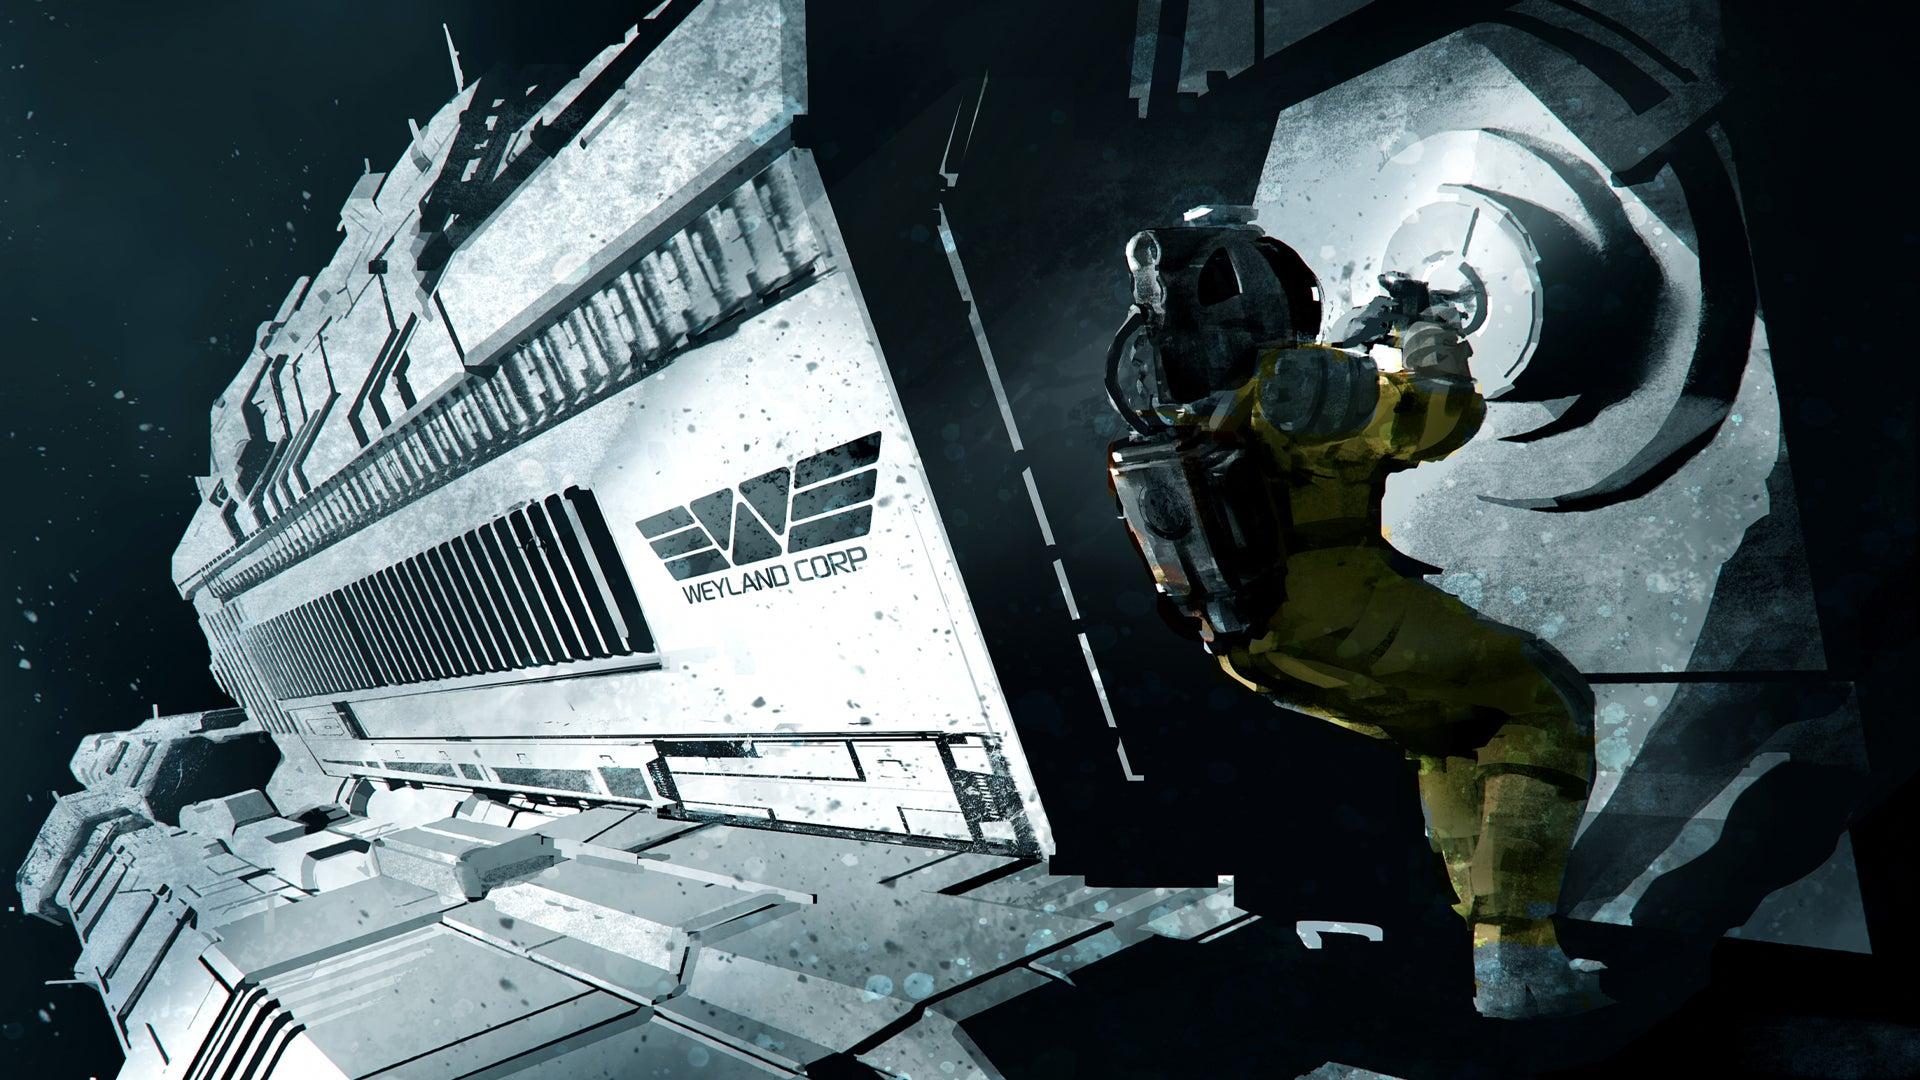 alien-rpg-art-spacewalk.jpg